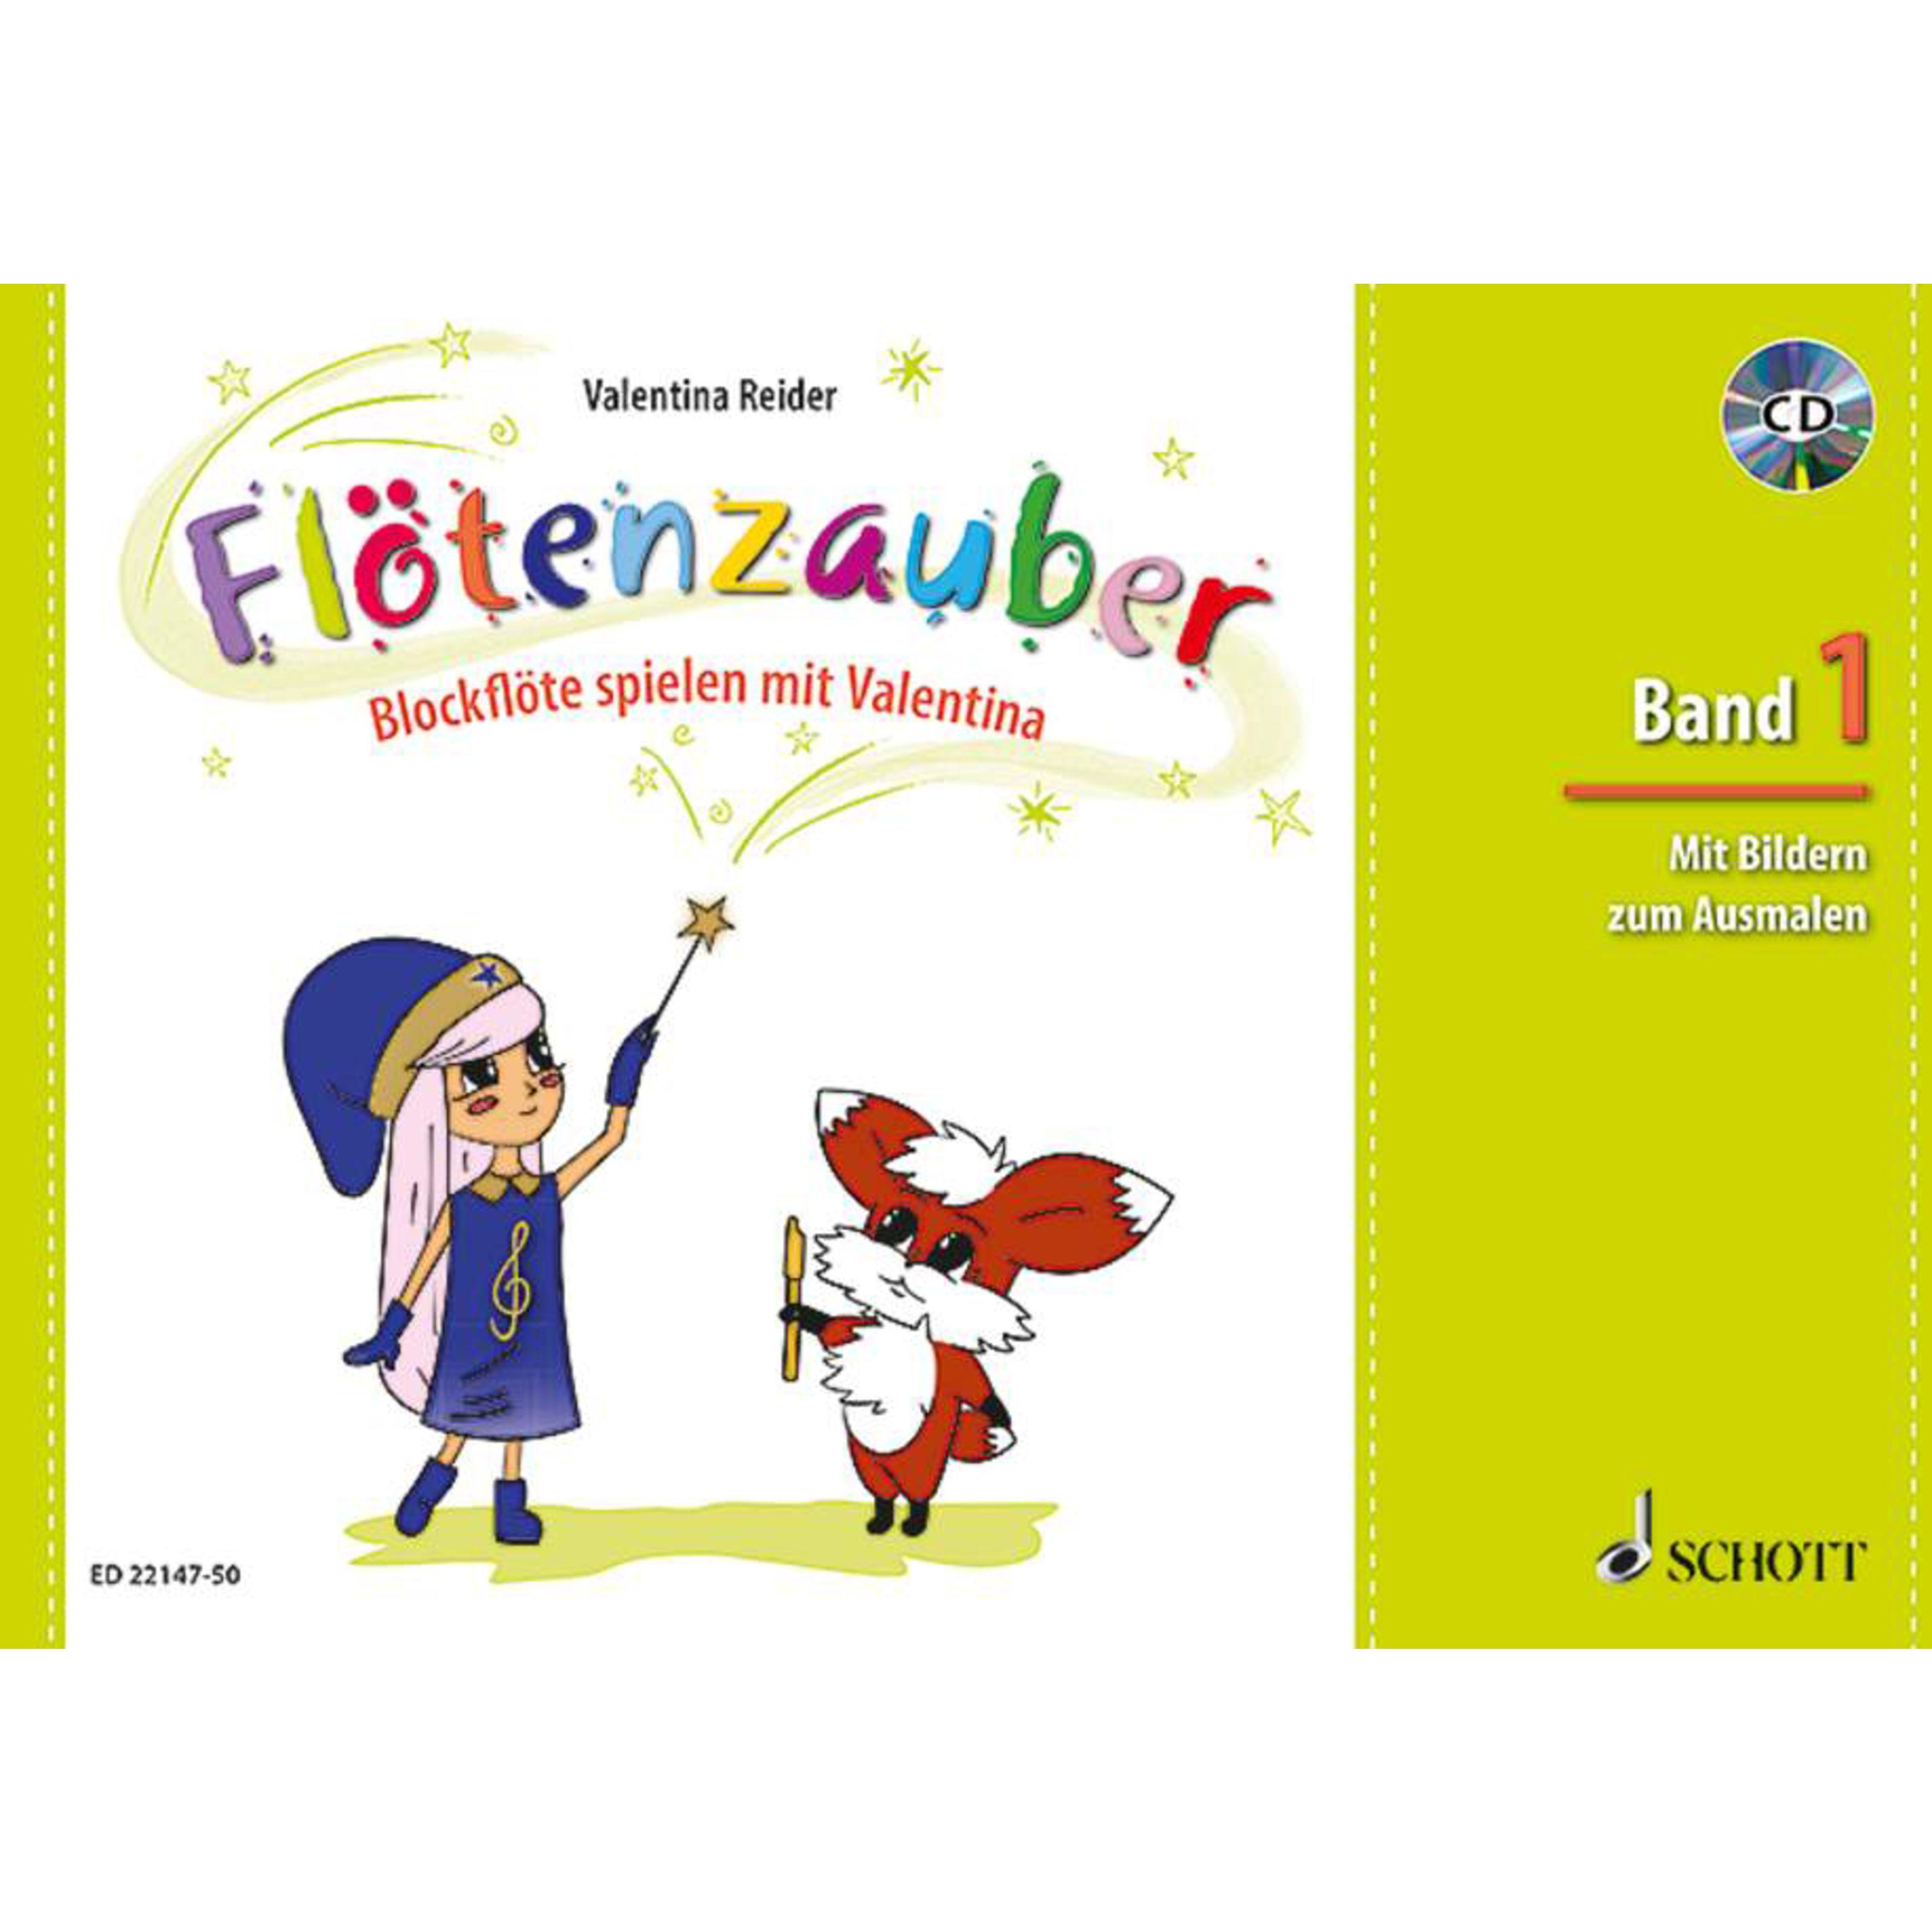 Schott Music - Flötenzauber 1 mit CD ED 22147-50